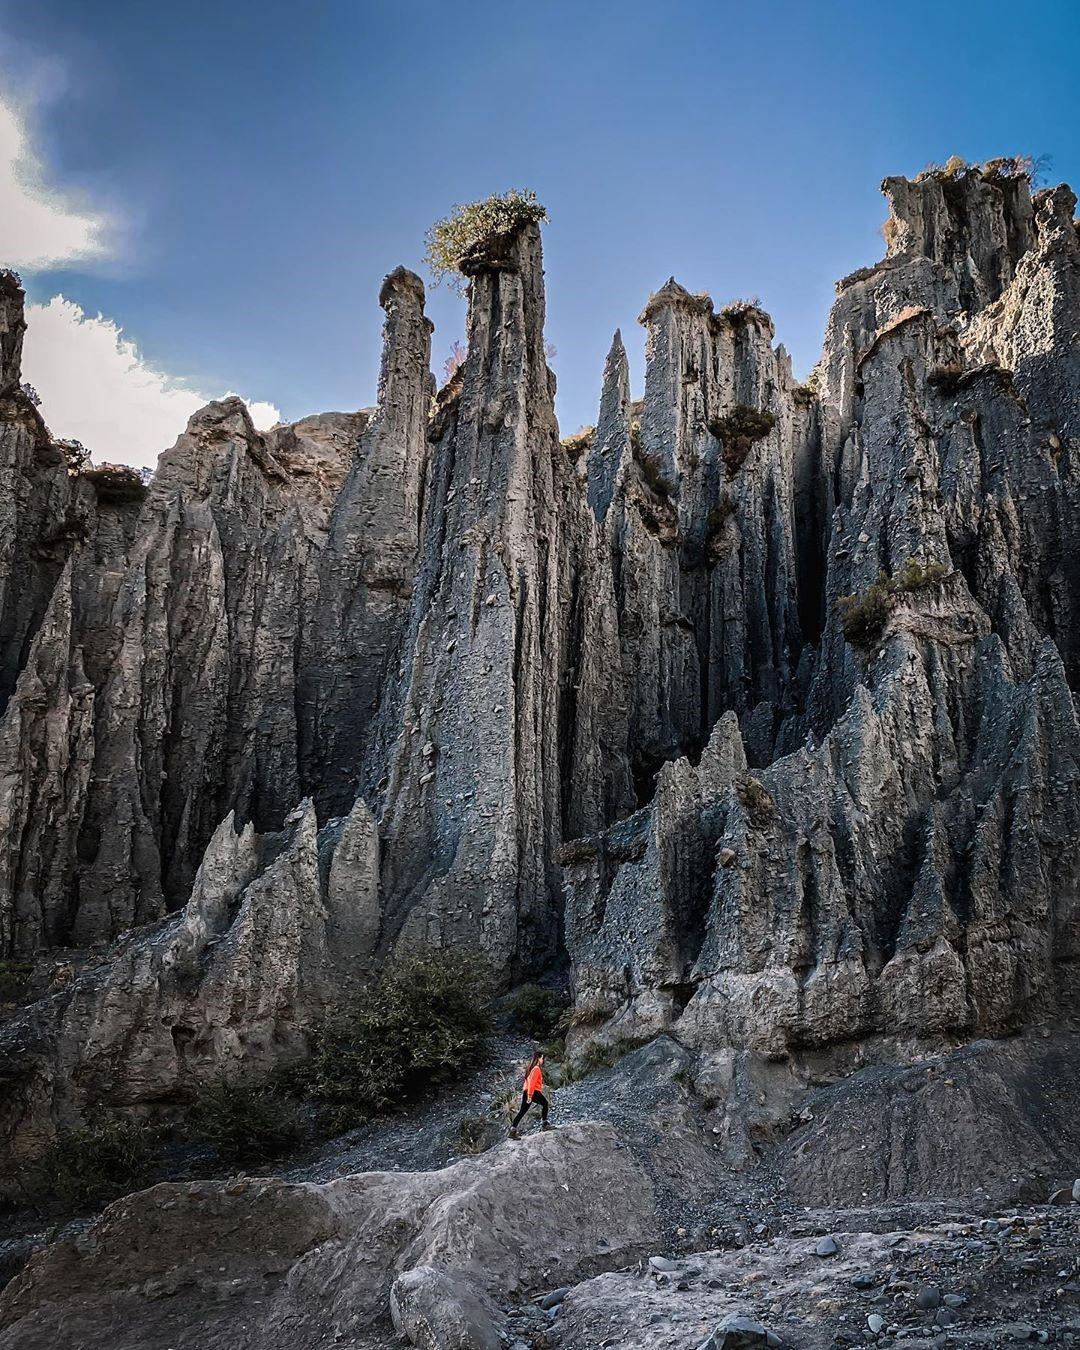 The Putangirua Pinnacles